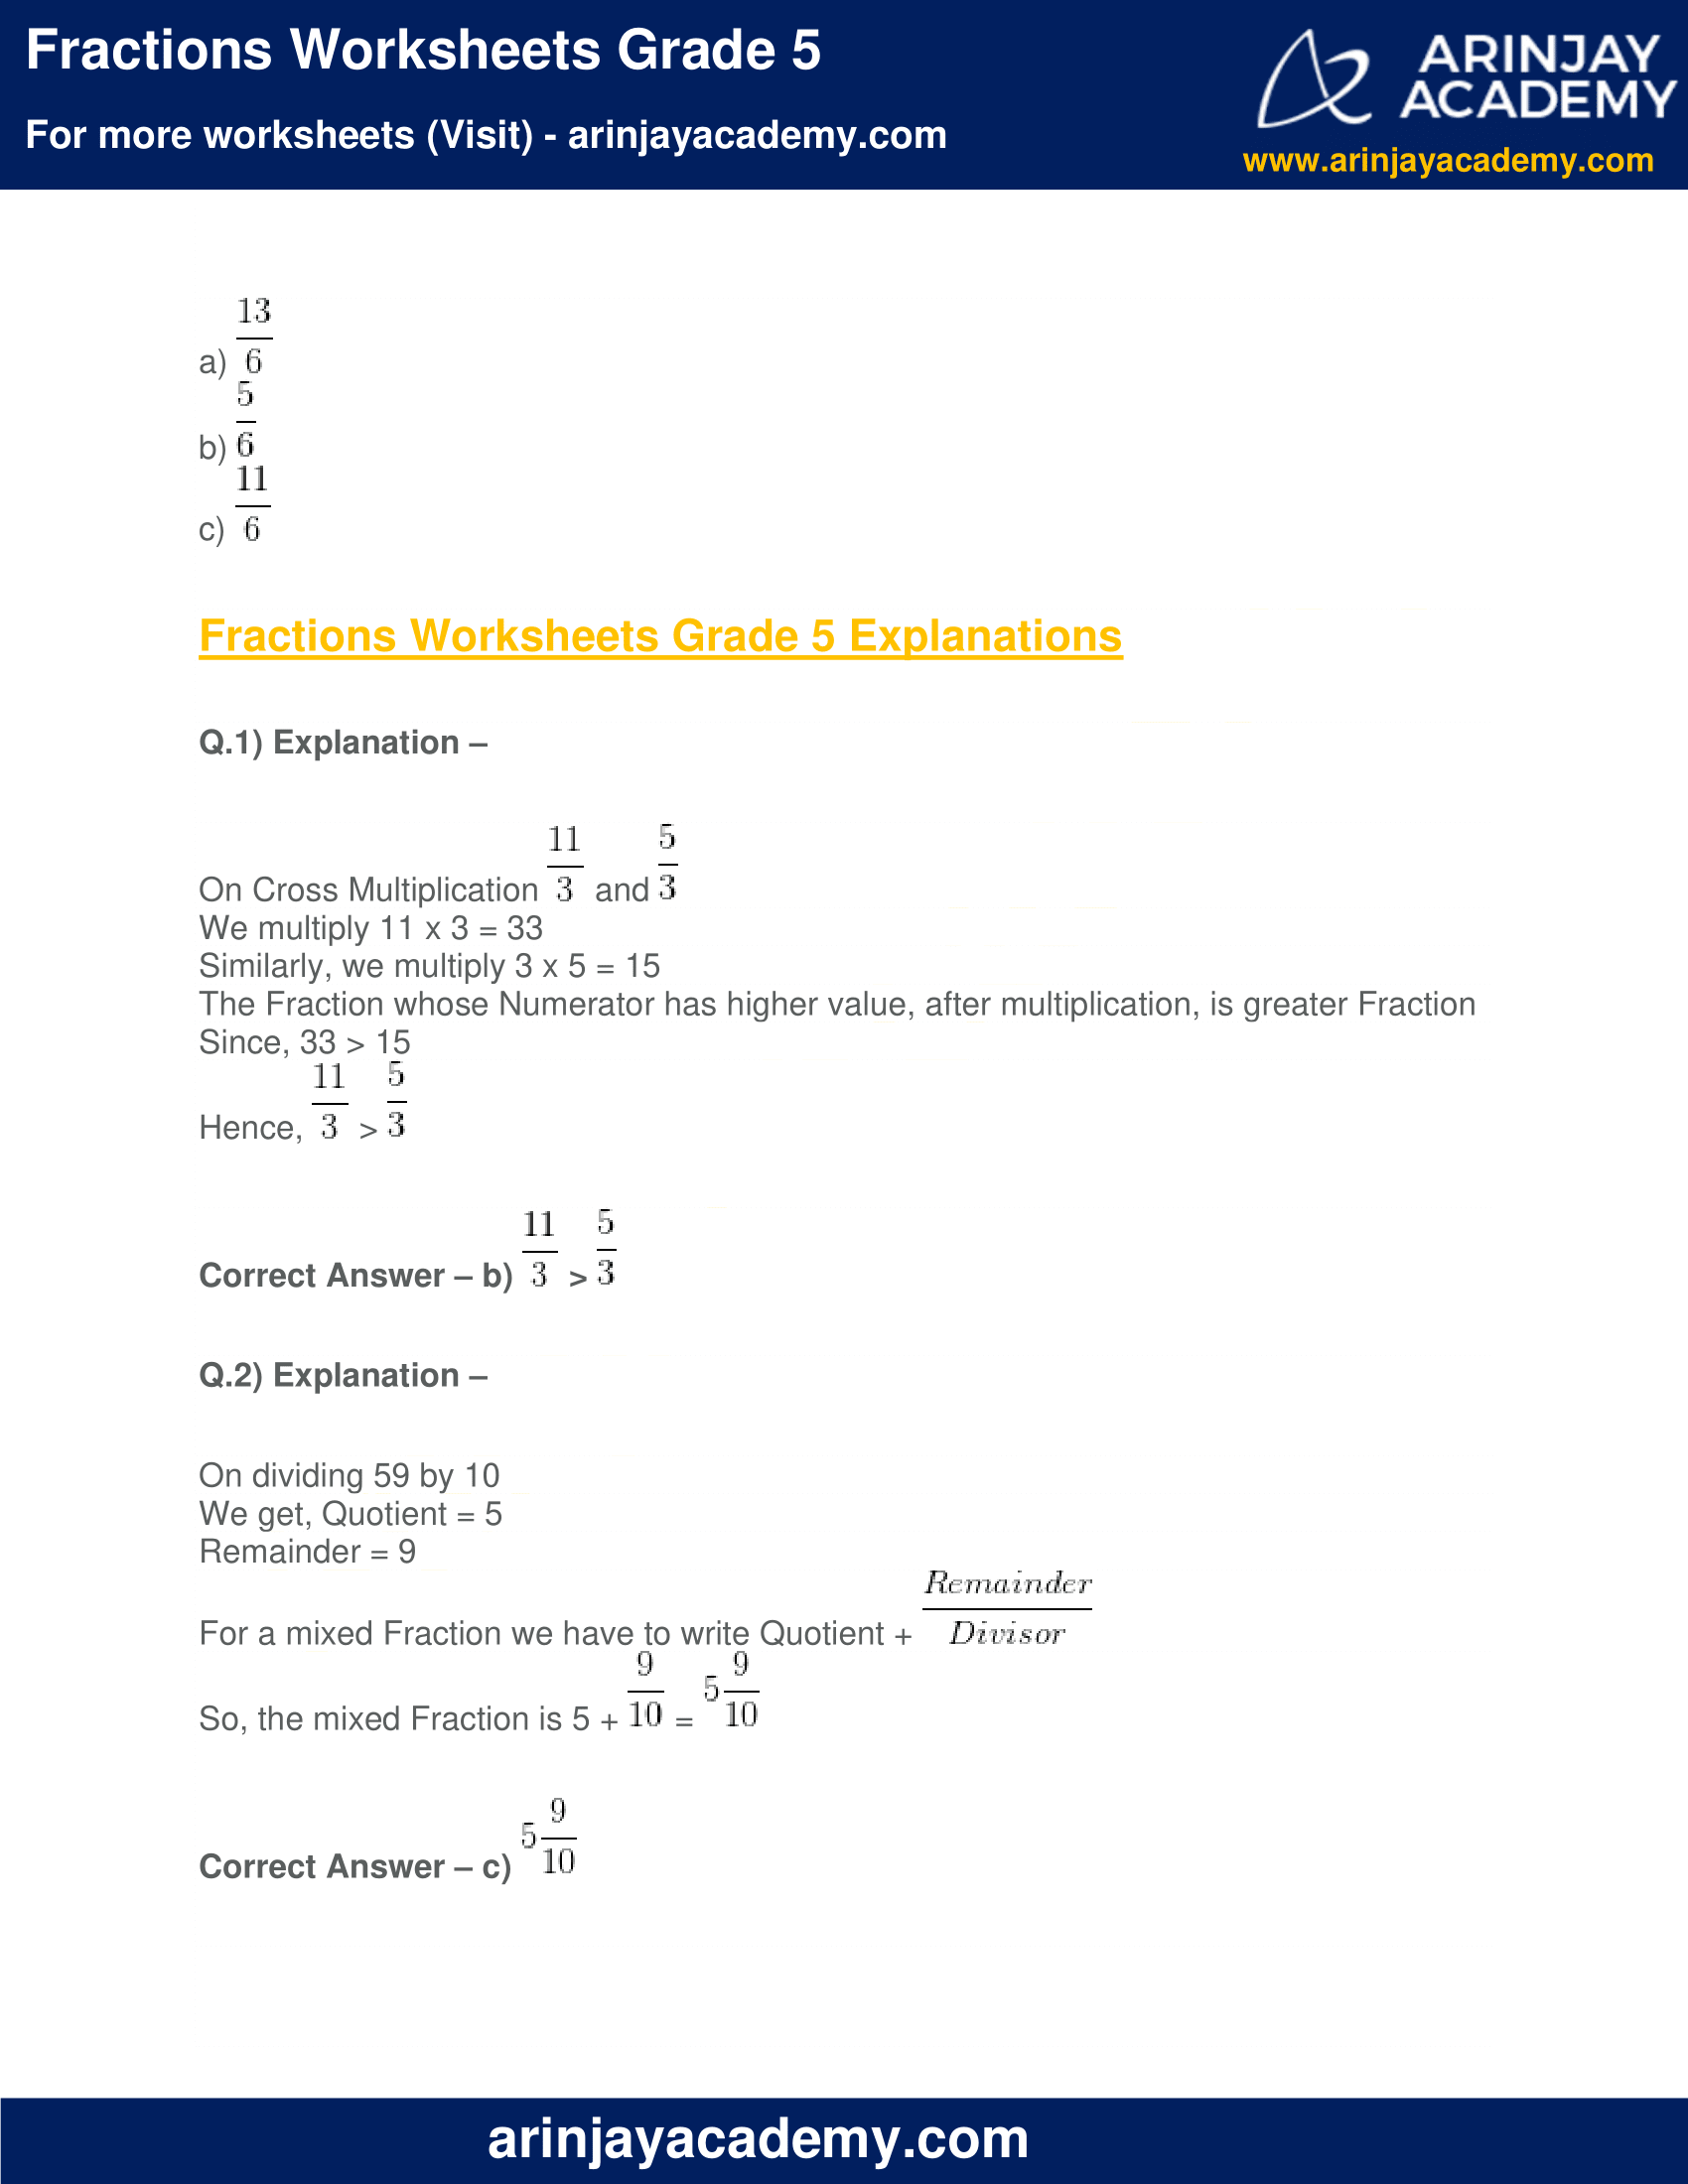 Fractions Worksheets Grade 5 image 4